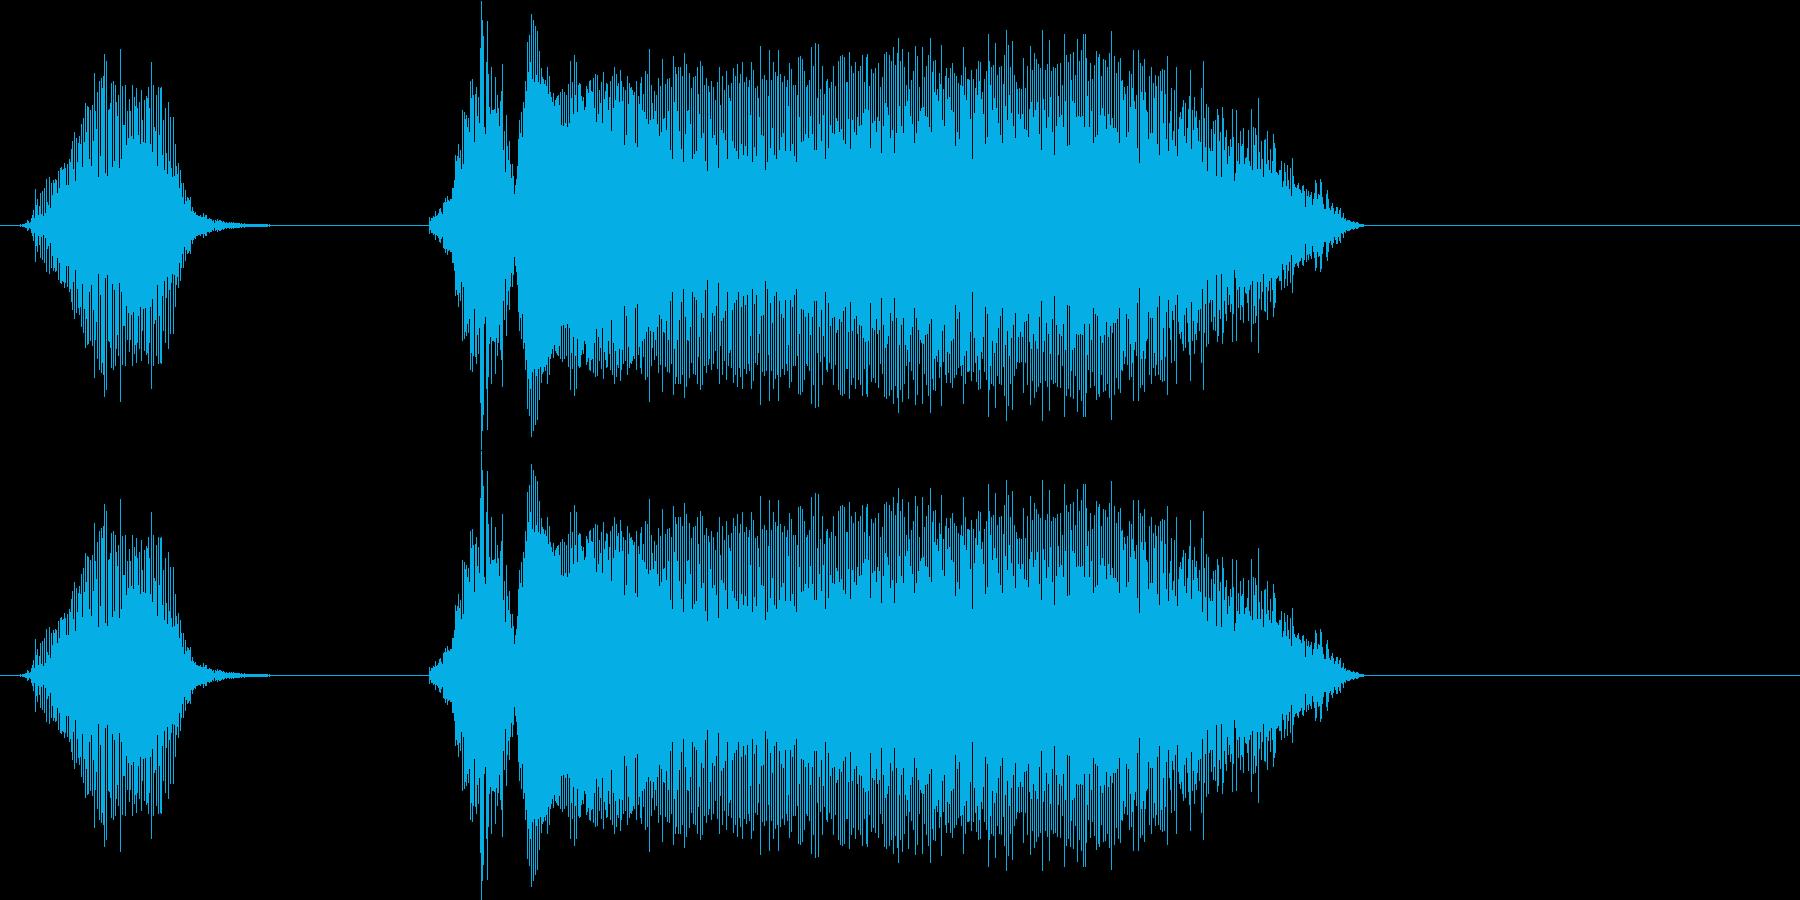 遊技機ゲーム用女性ボイス「あっちゃ~」の再生済みの波形